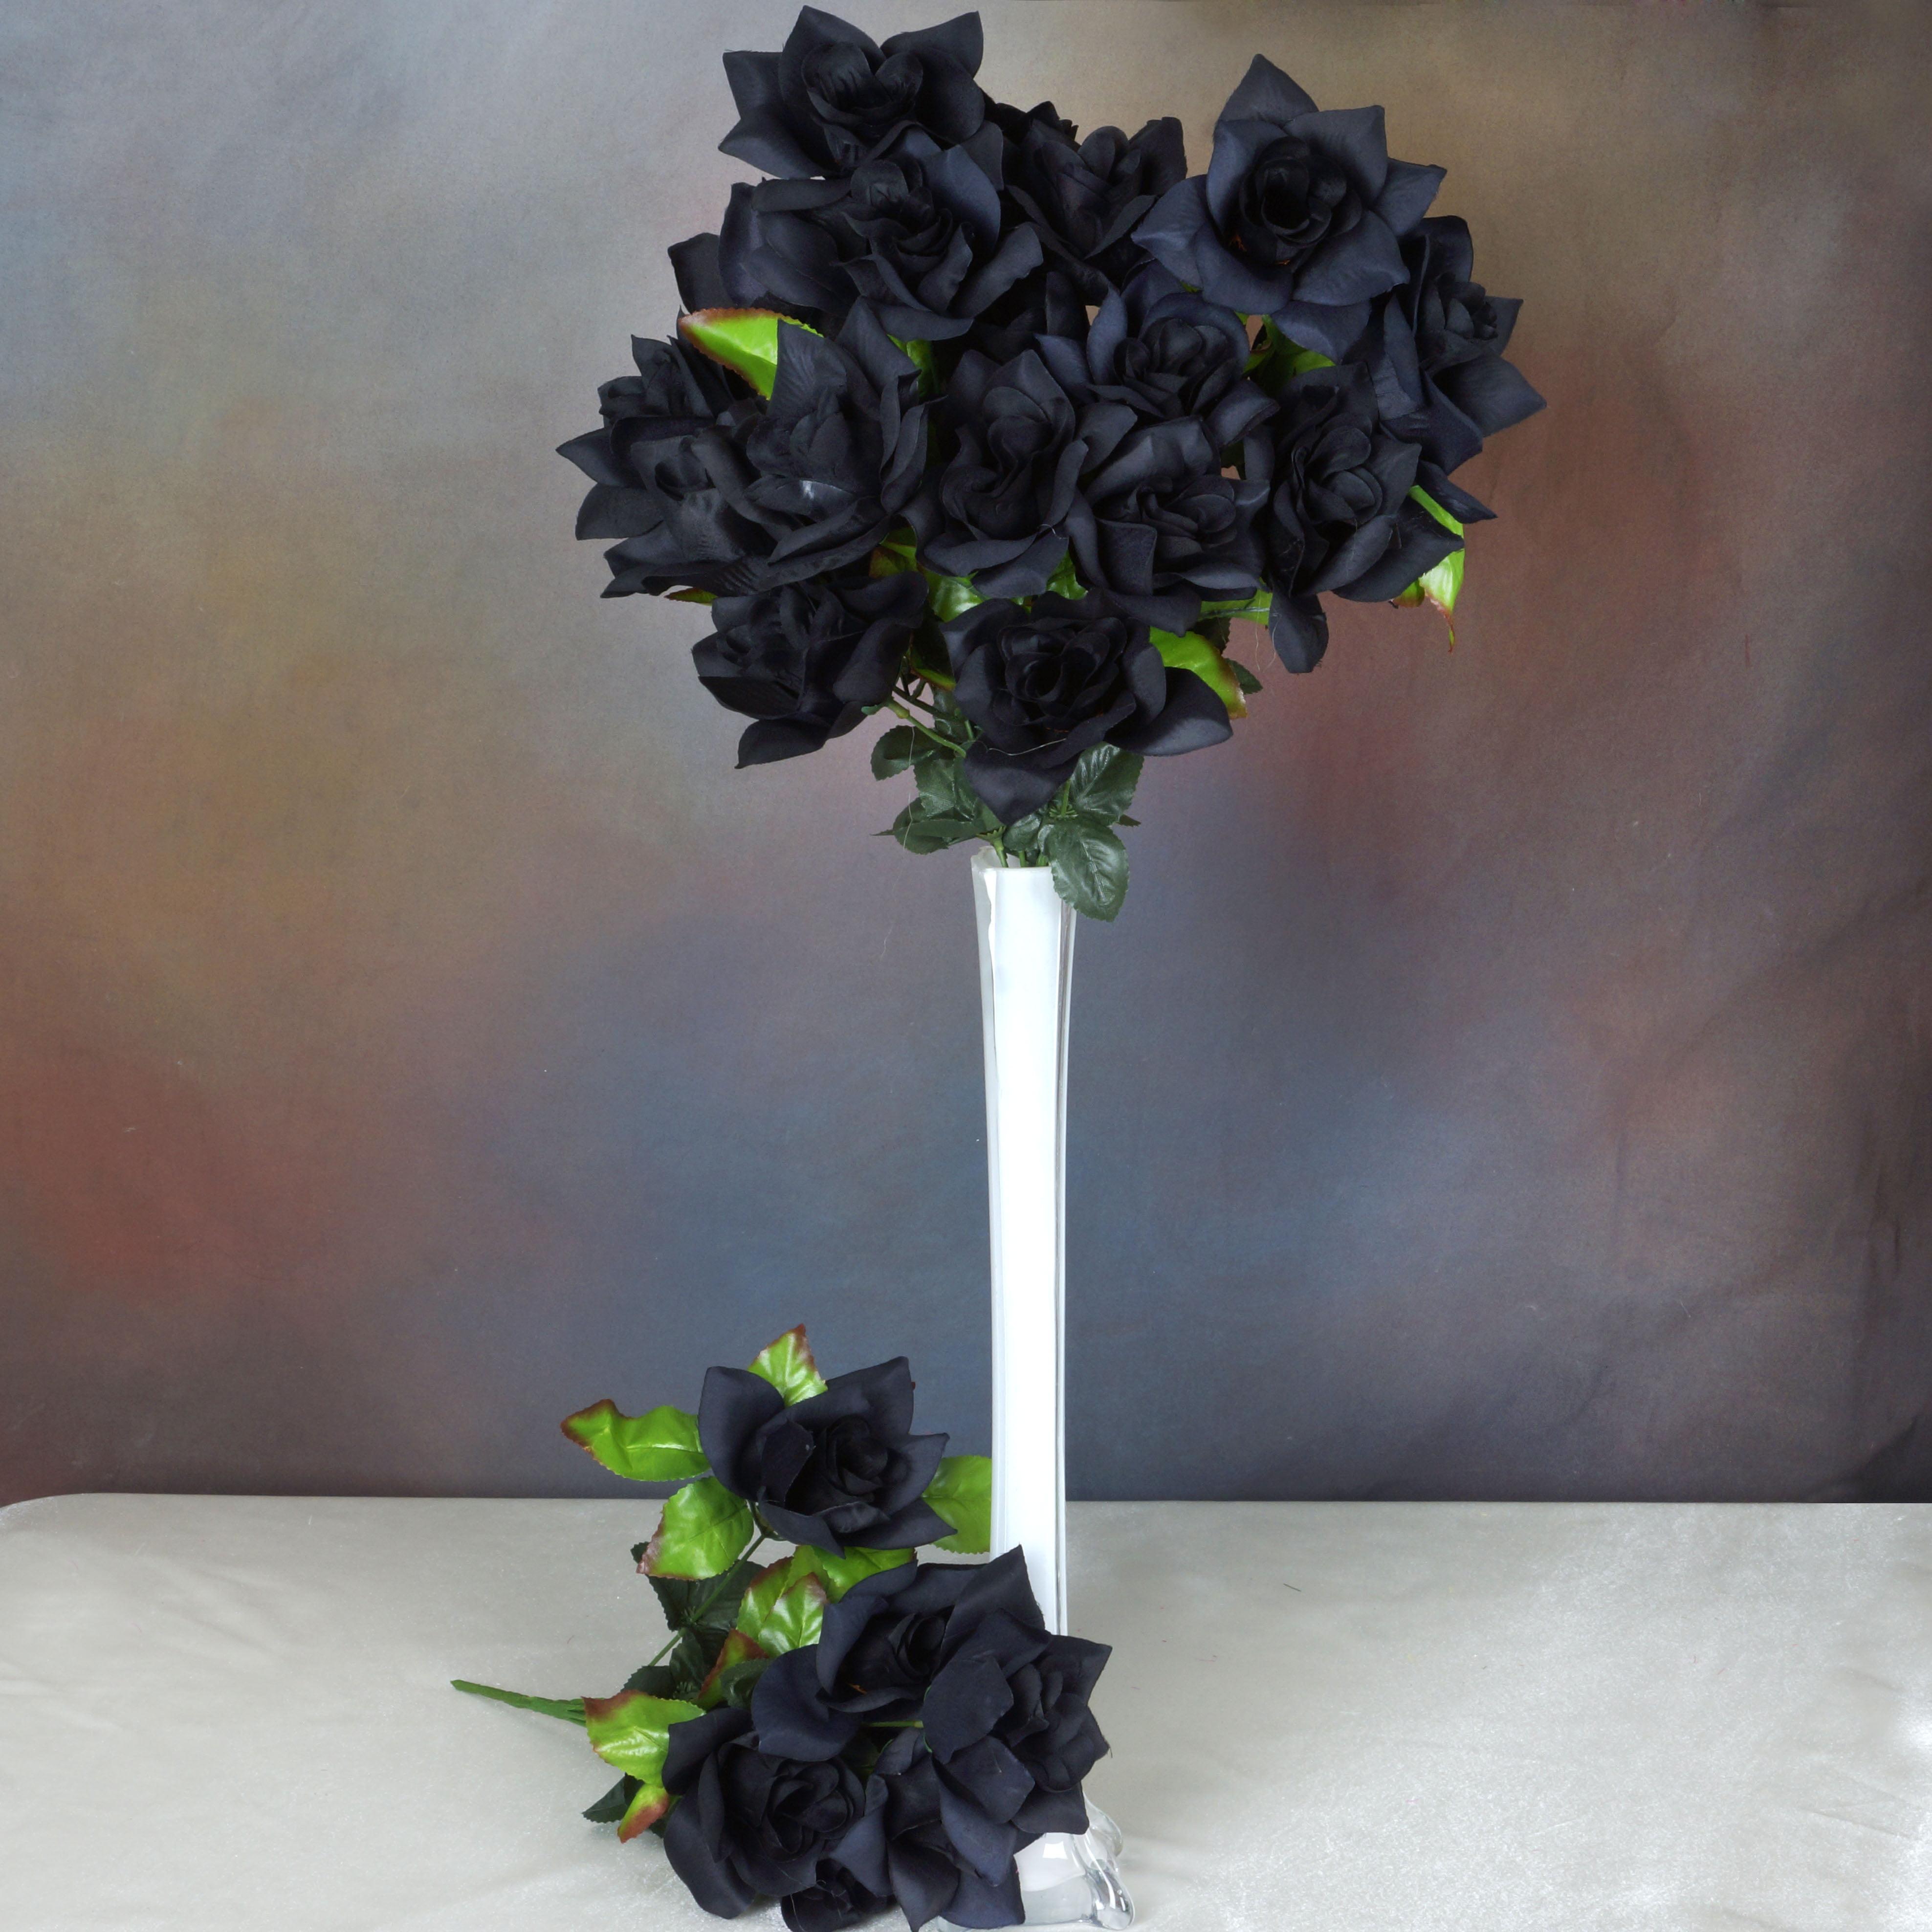 BalsaCircle 168 Open Velvet Roses Flowers - DIY Home Wedding Party Artificial Bouquets Arrangements Centerpieces Bouquets